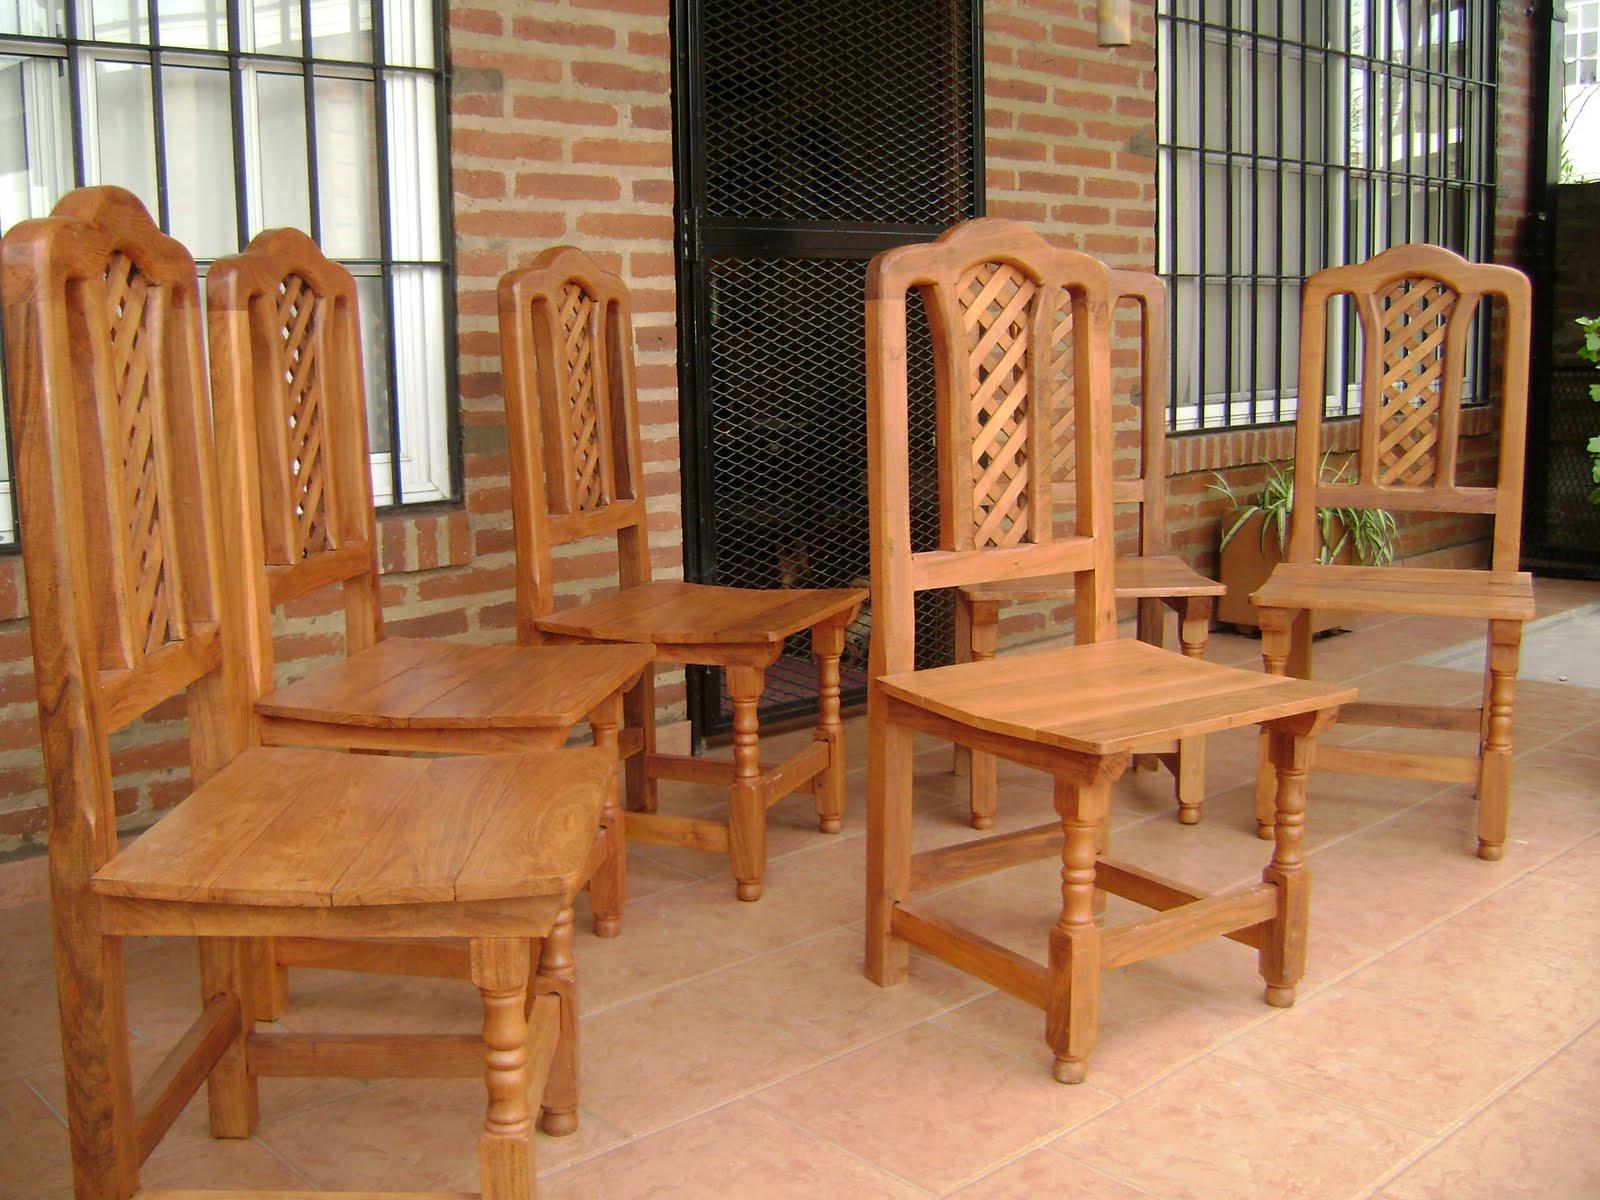 Ver imagenes de muebles de algarrobo for Fotos de muebles